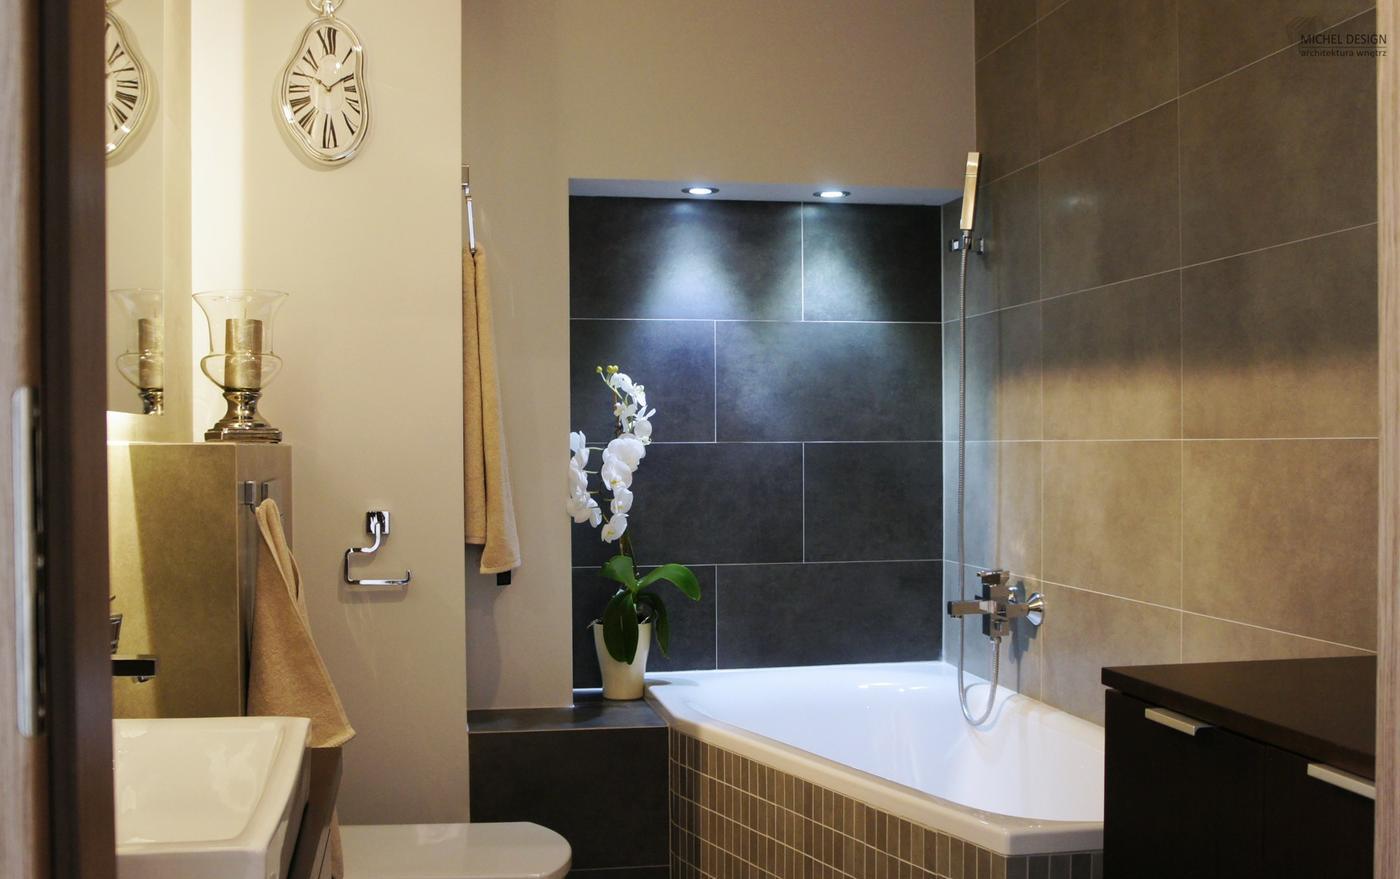 Дизайн интерьера ванной 3 кв. м. (72 фото): планировка маленькой комнаты